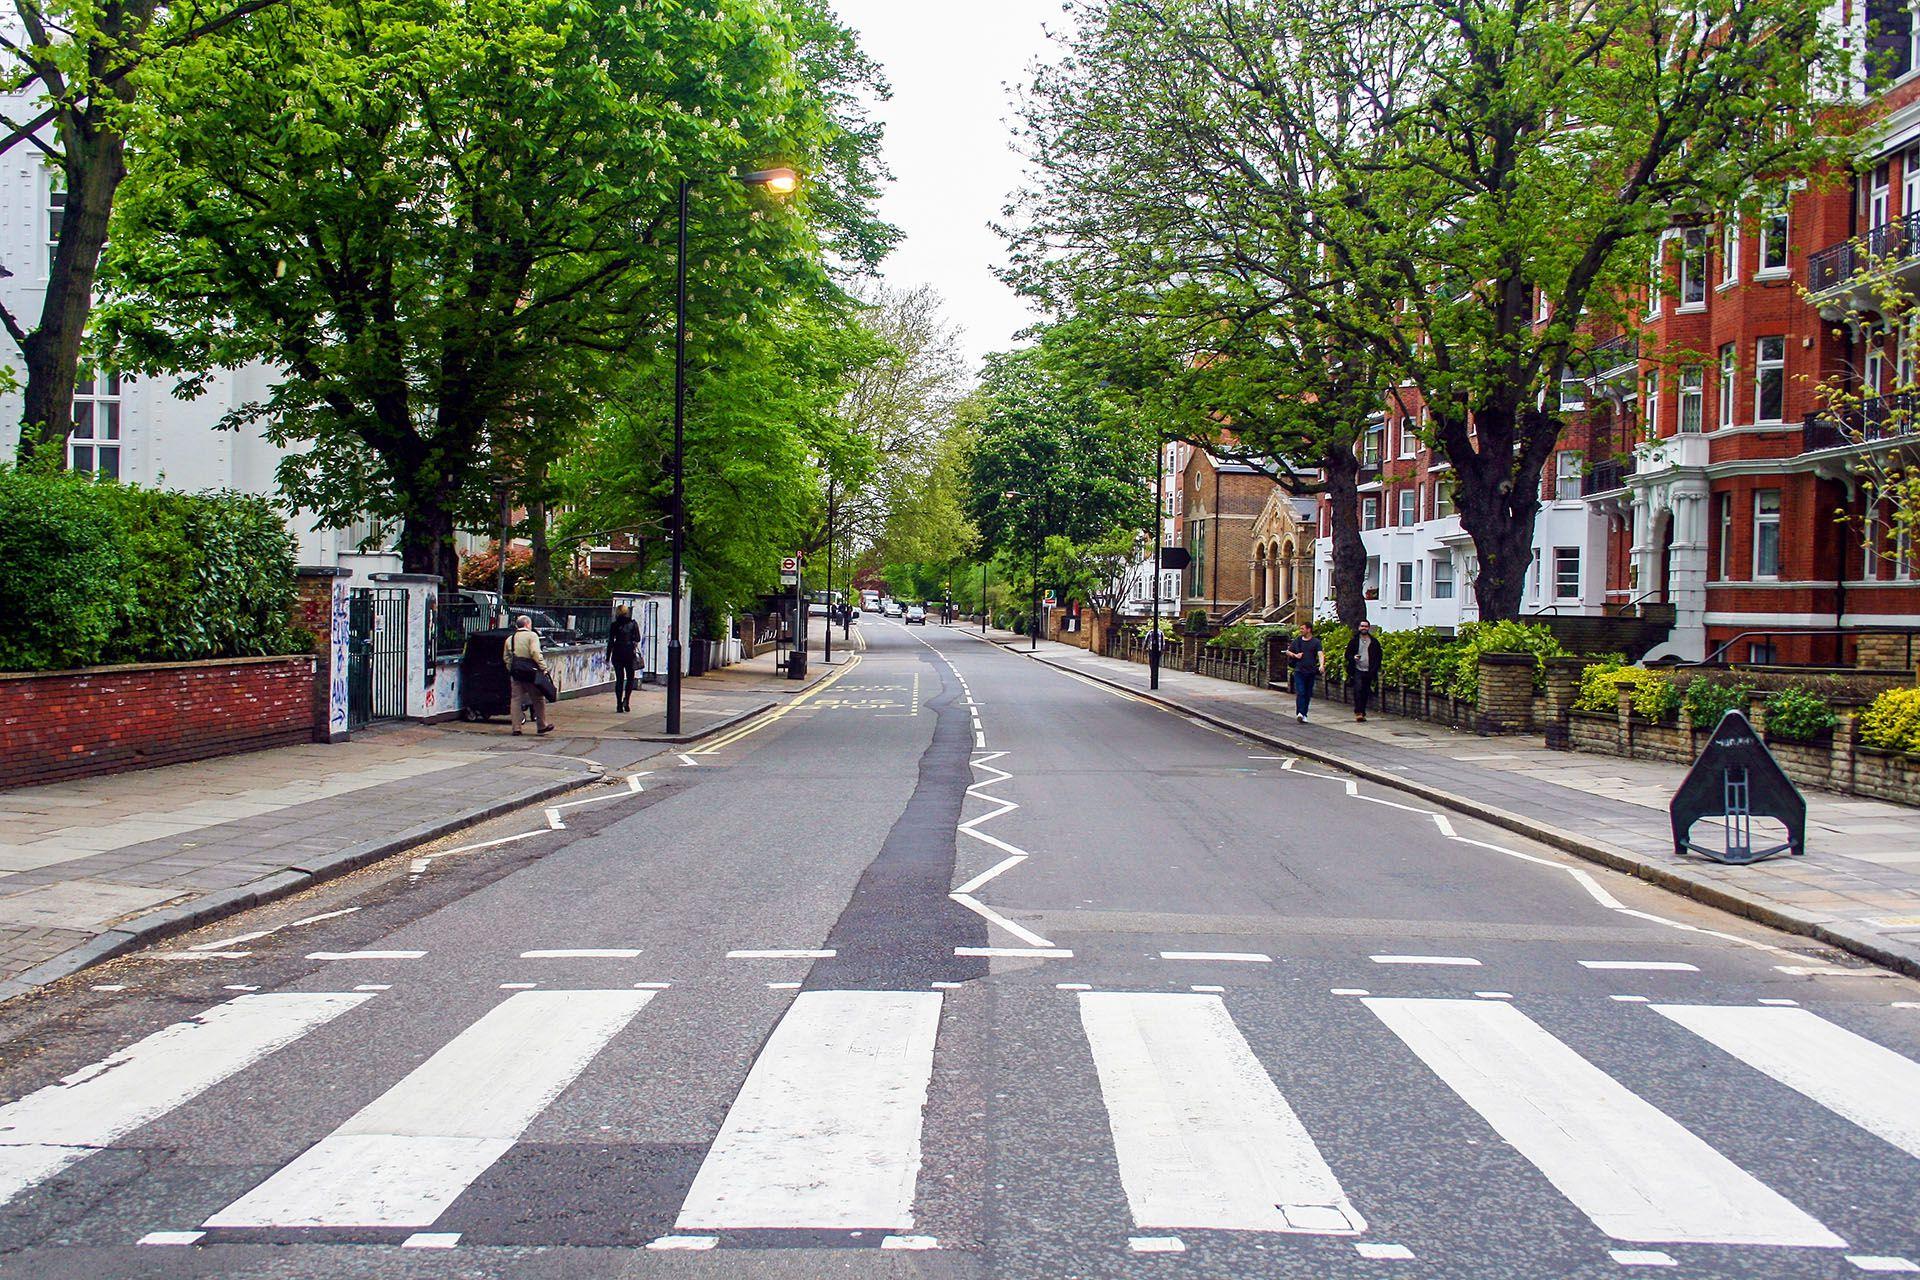 La esquina de Abbey Road y Garden Road, en la ciudad de Londres, donde el fotógrafo escocés Ian McMillan logró la icónica imagen en 10 minutos y apenas 7 tomas (Shutterstock)